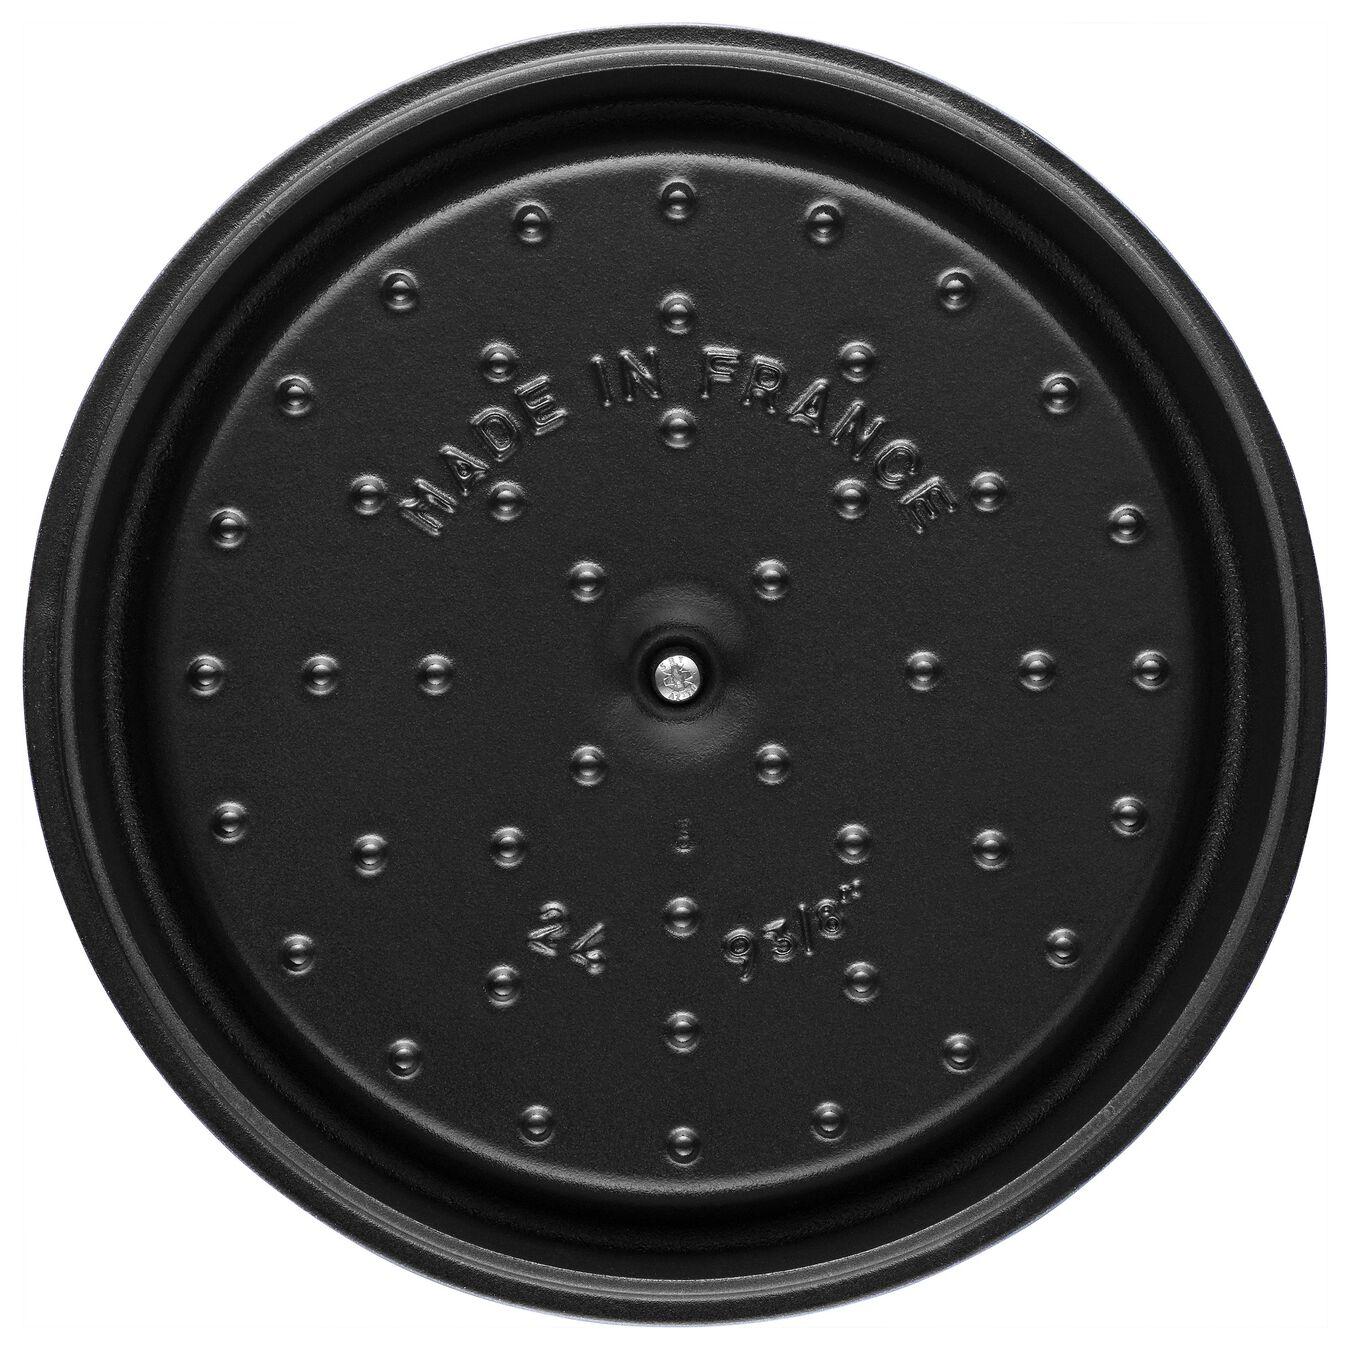 Cocotte 24 cm, Rond(e), Sauge, Fonte,,large 4